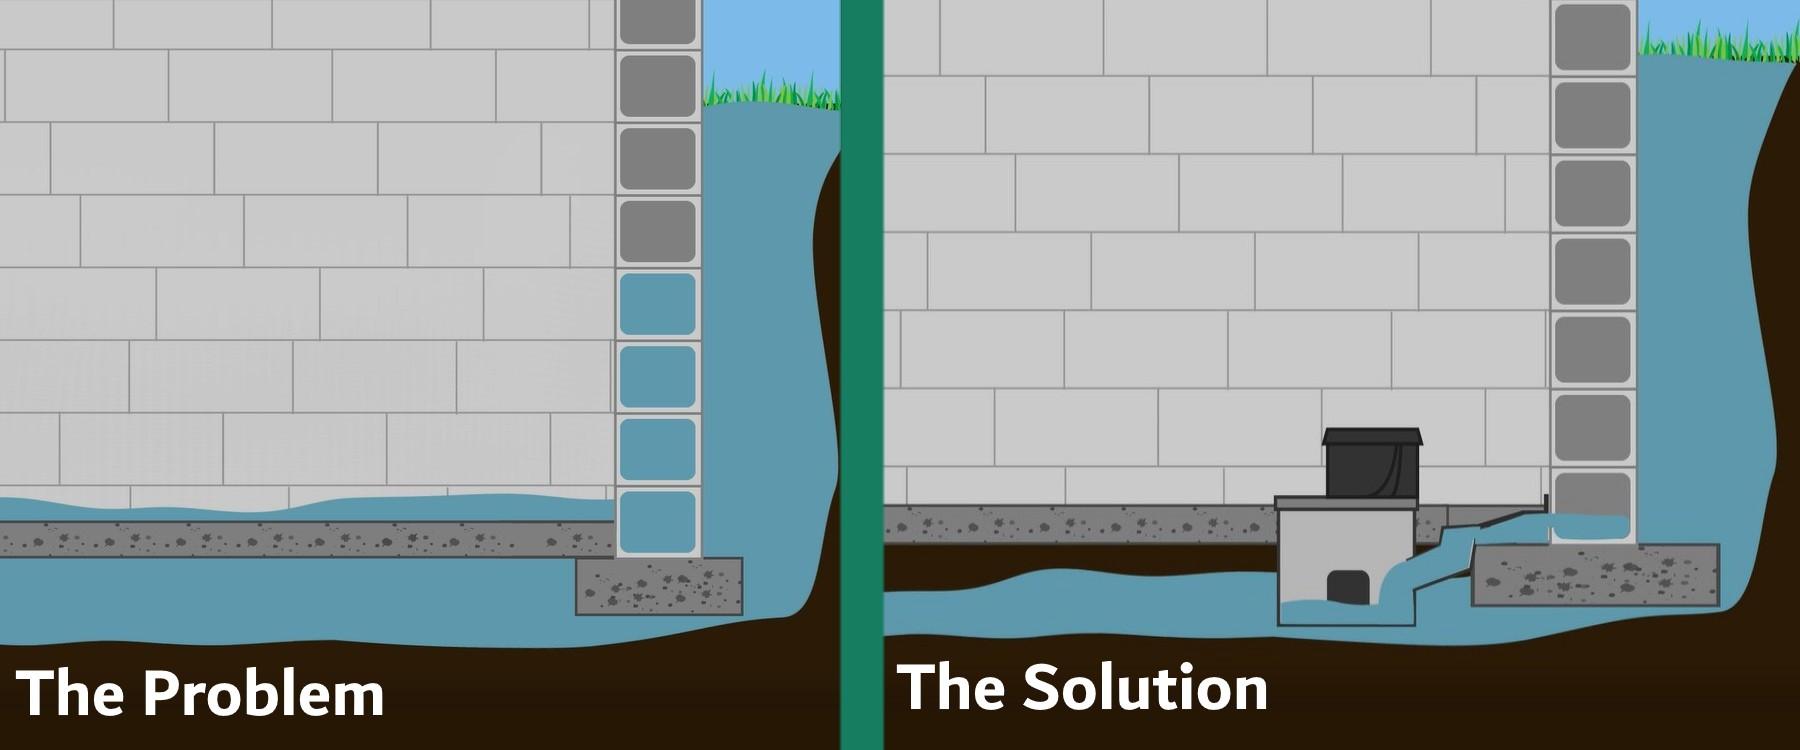 basement the problem solution guardian